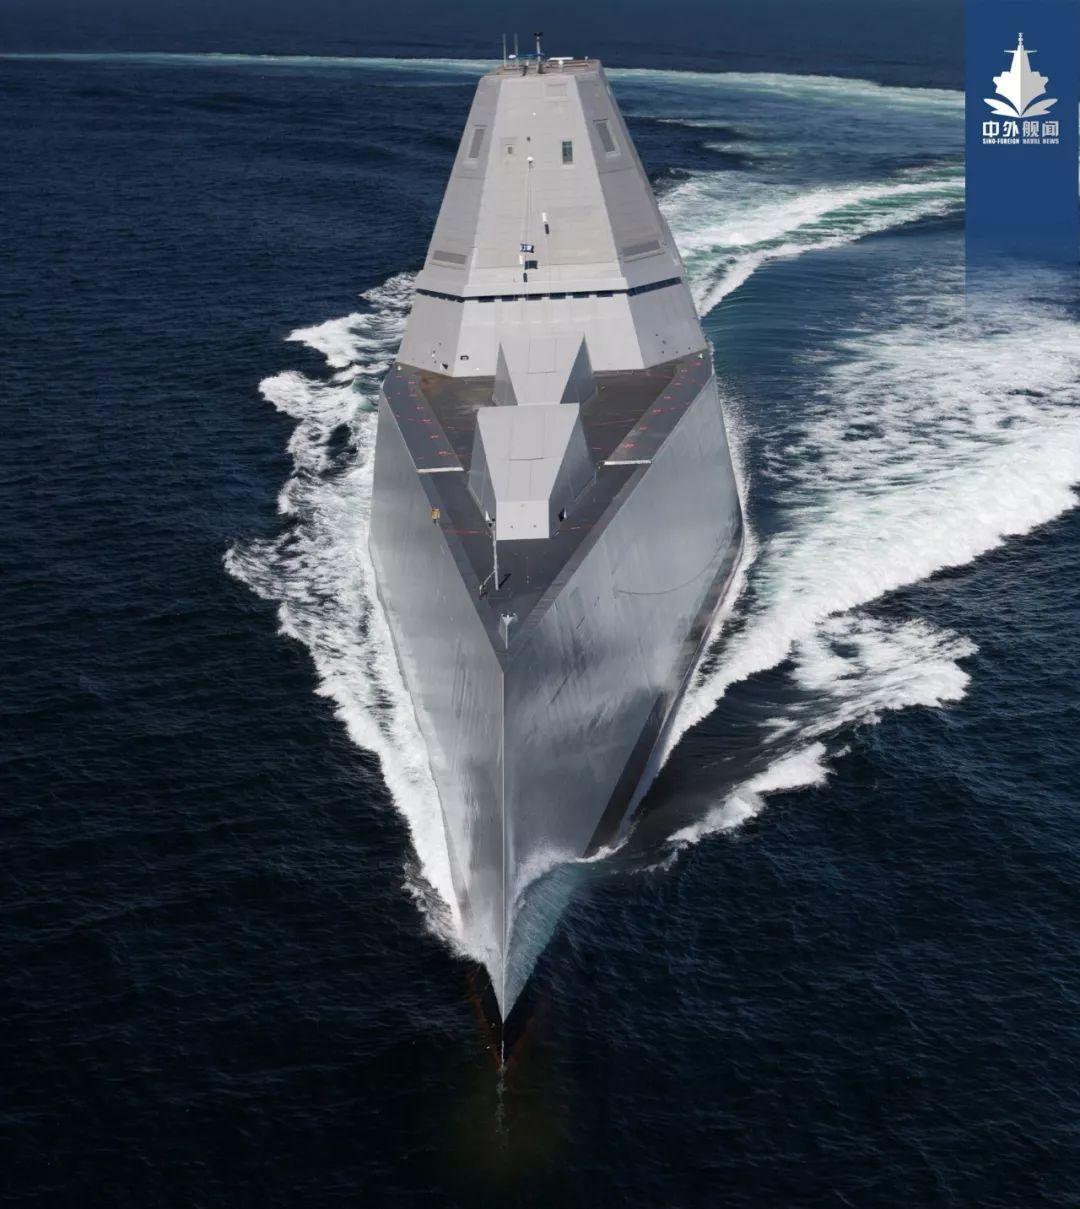 首批上舰官兵亲手教你如何驾驭科幻战舰DDG1000